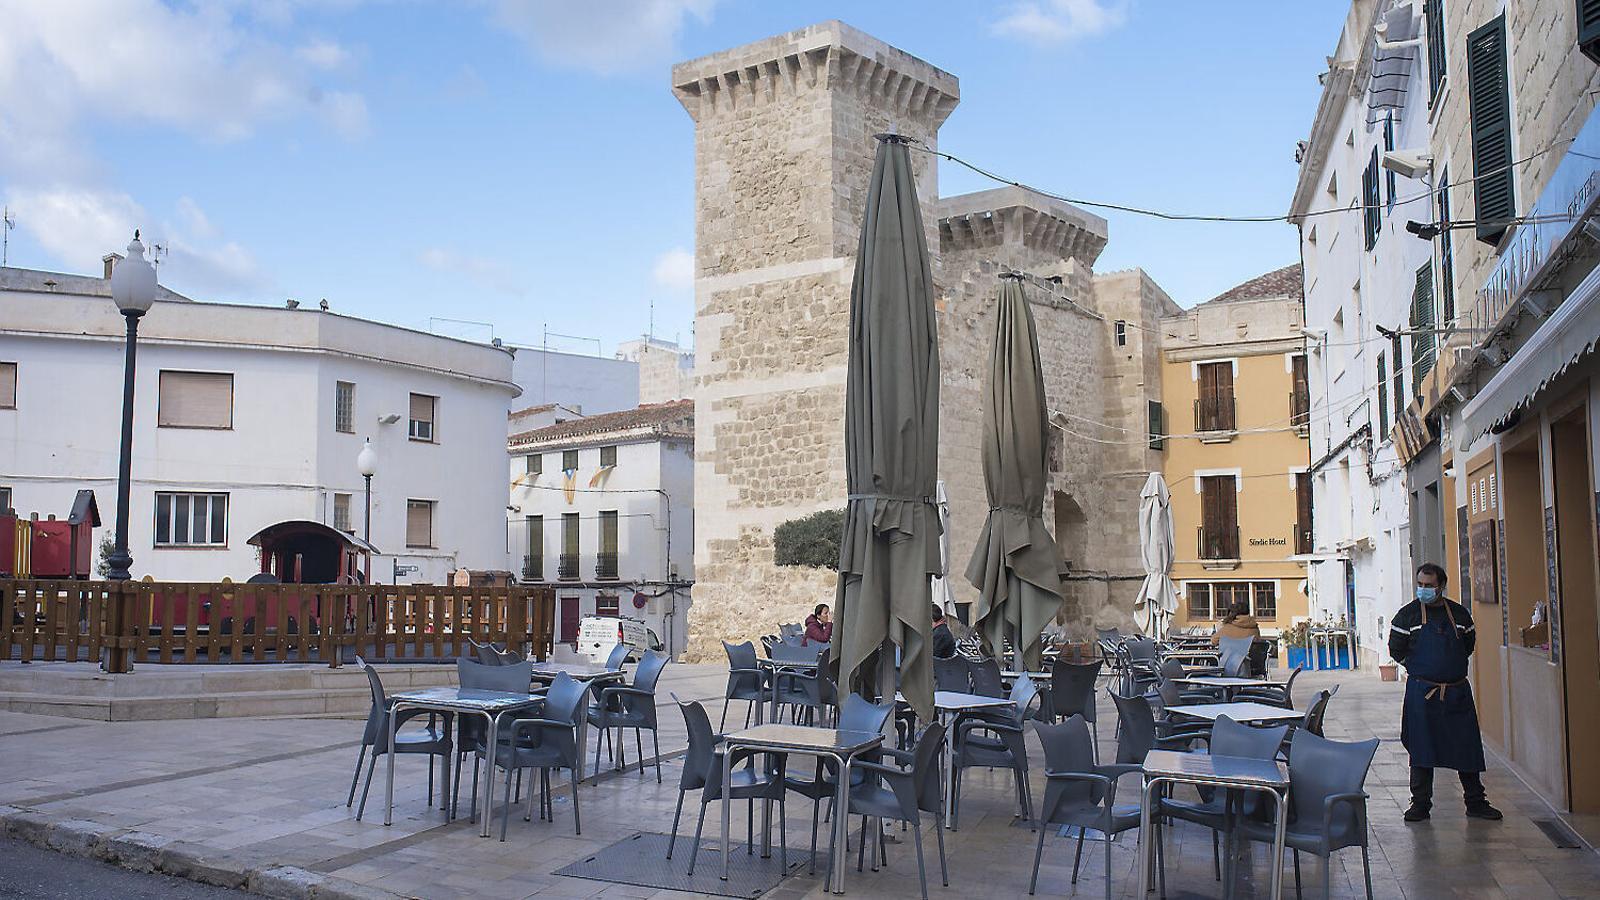 Les empreses menorquines avisen de les dificultats per a mantenir l'activitat.